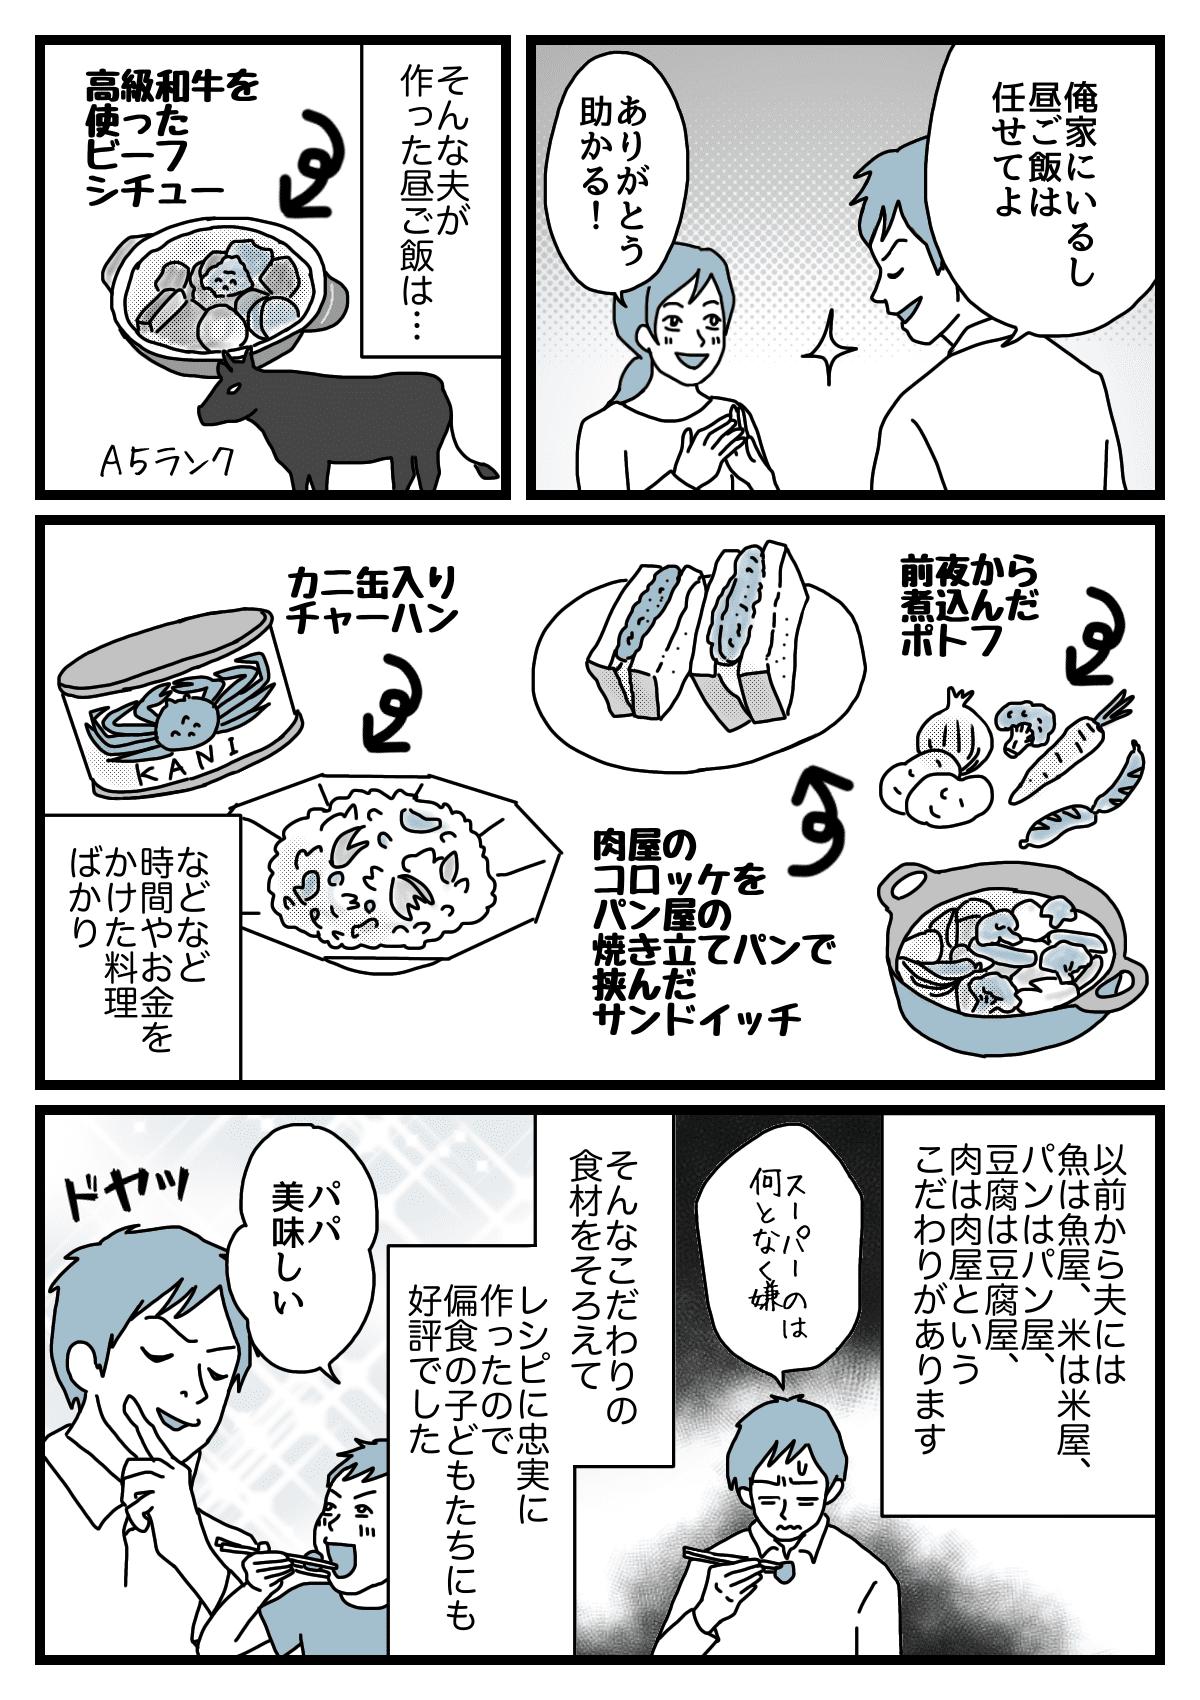 【前編】まずい1